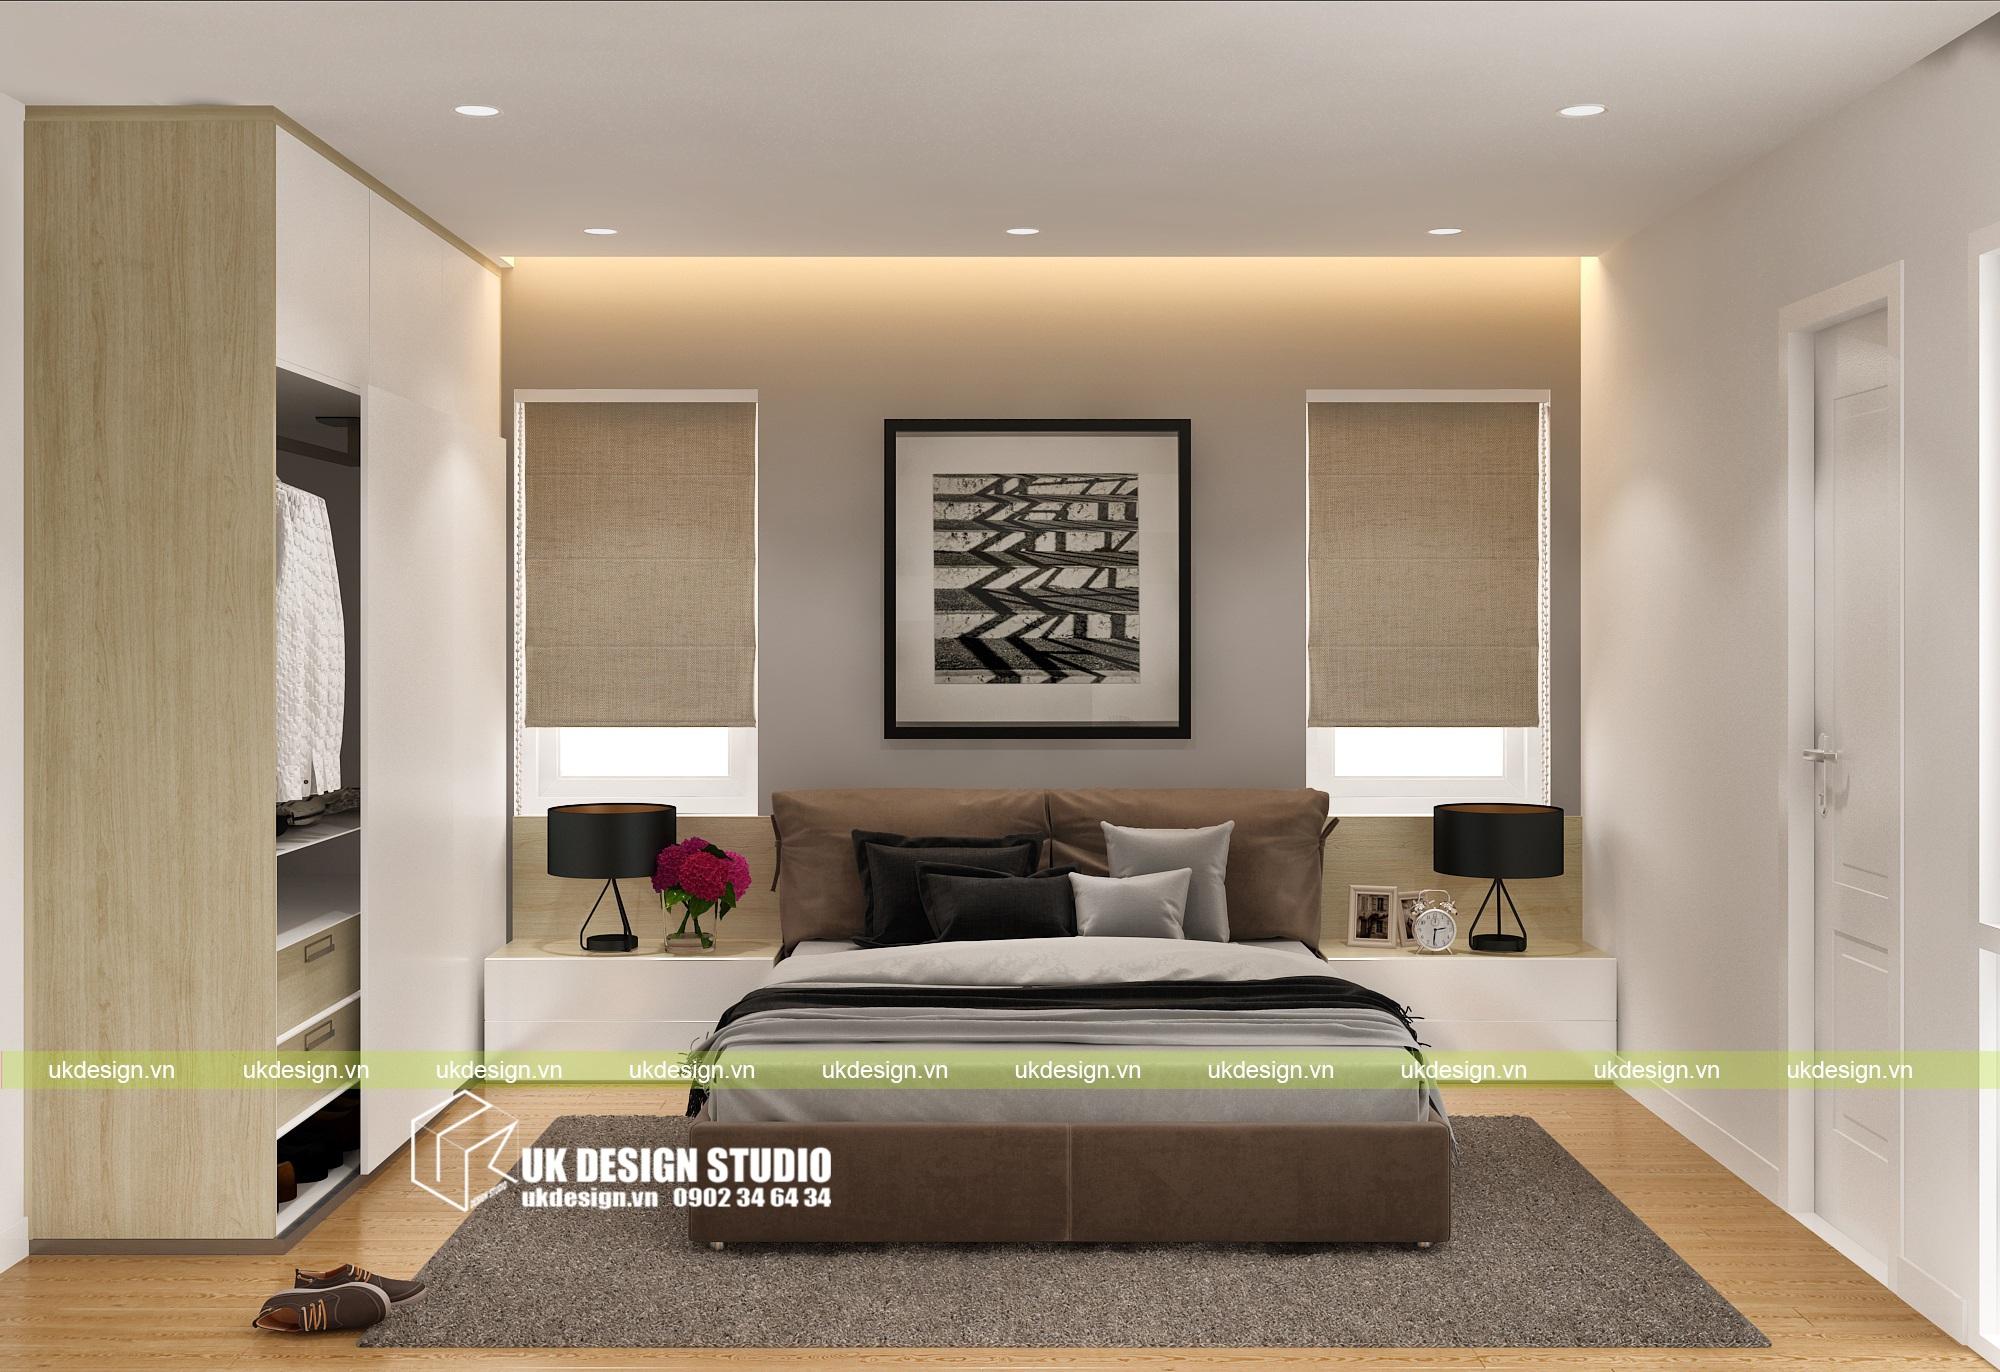 Thiết kế nội thất nhà phố hiện đại kết hợp văn phòng kinh doanh - 11